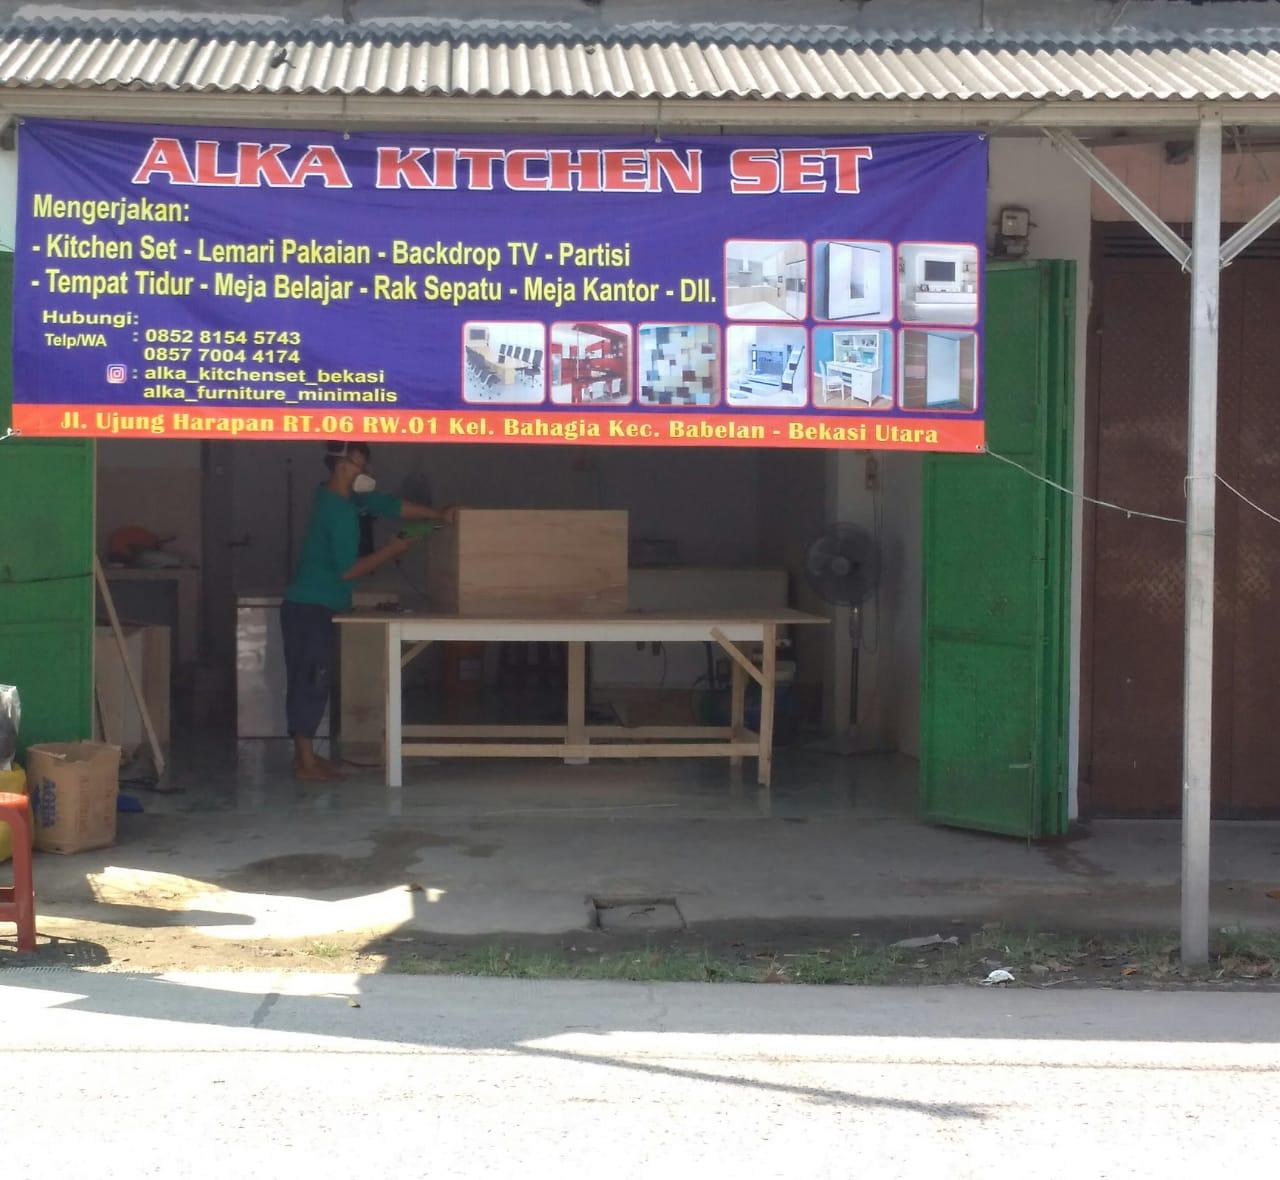 alka kitchen set bekasi - Kitchen Set Murah Bekasi Timur